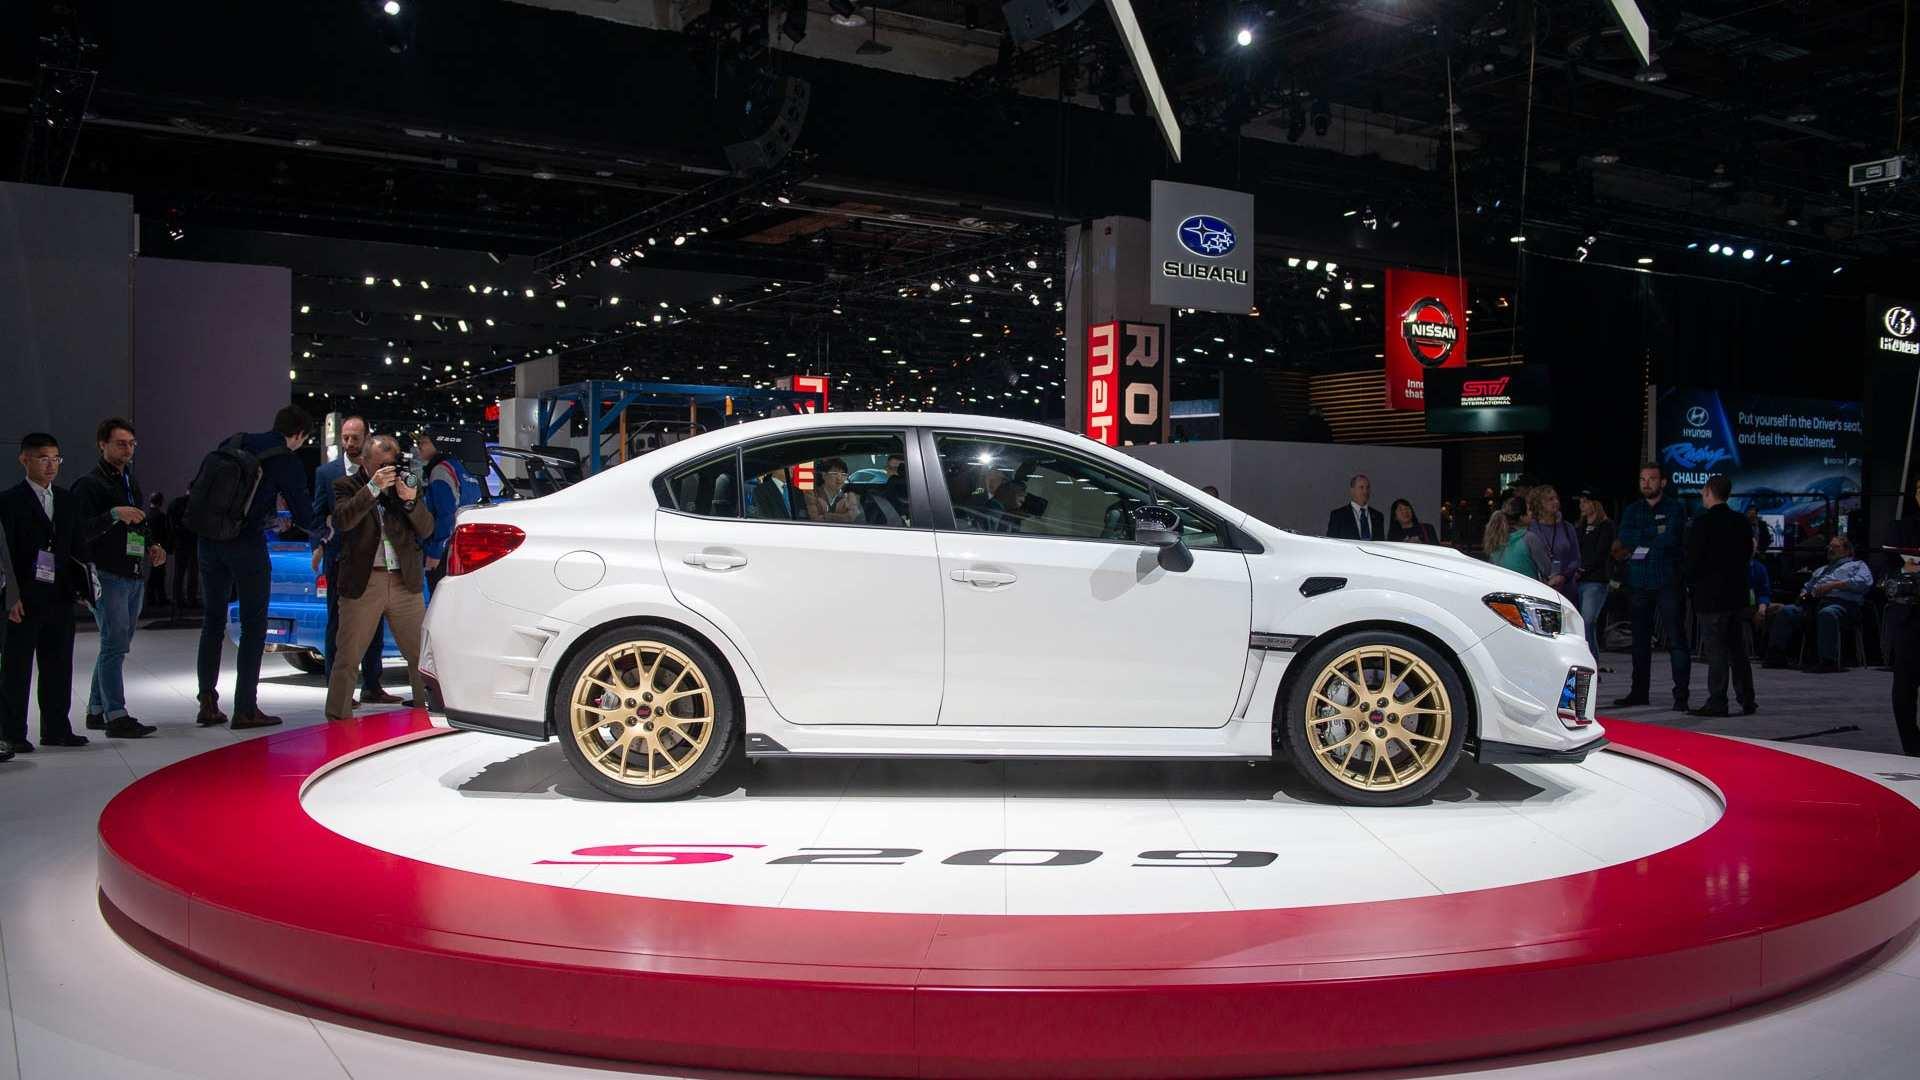 80 Great Subaru Sti 2020 Horsepower Ratings with Subaru Sti 2020 Horsepower